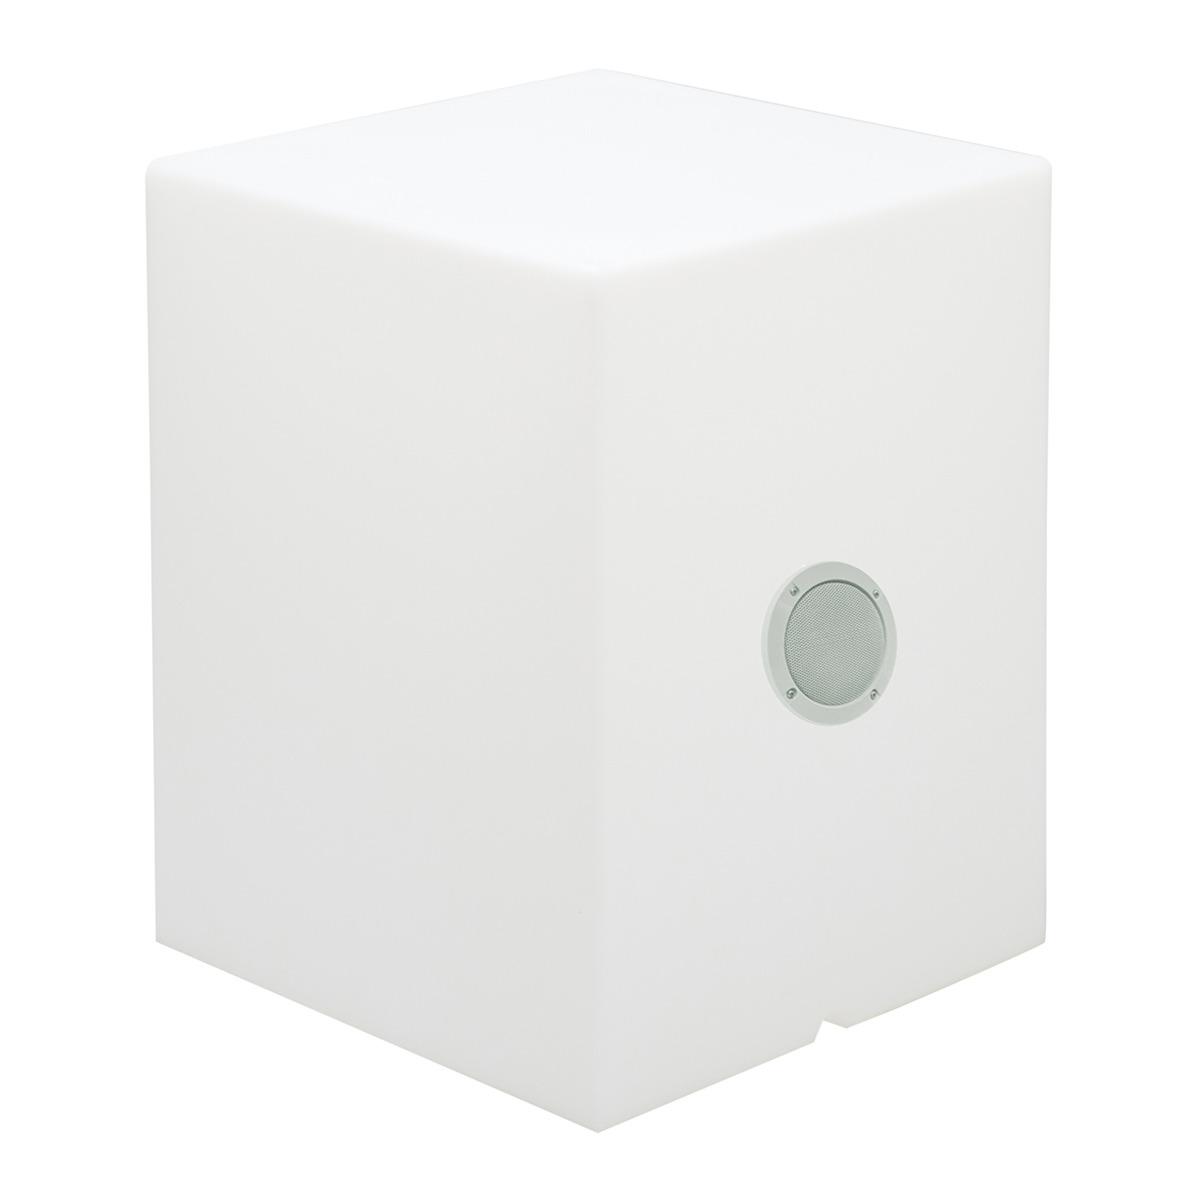 Cuby 45 kubus iluminado im Freien play batería recargable LED RGB 43x43x43cm